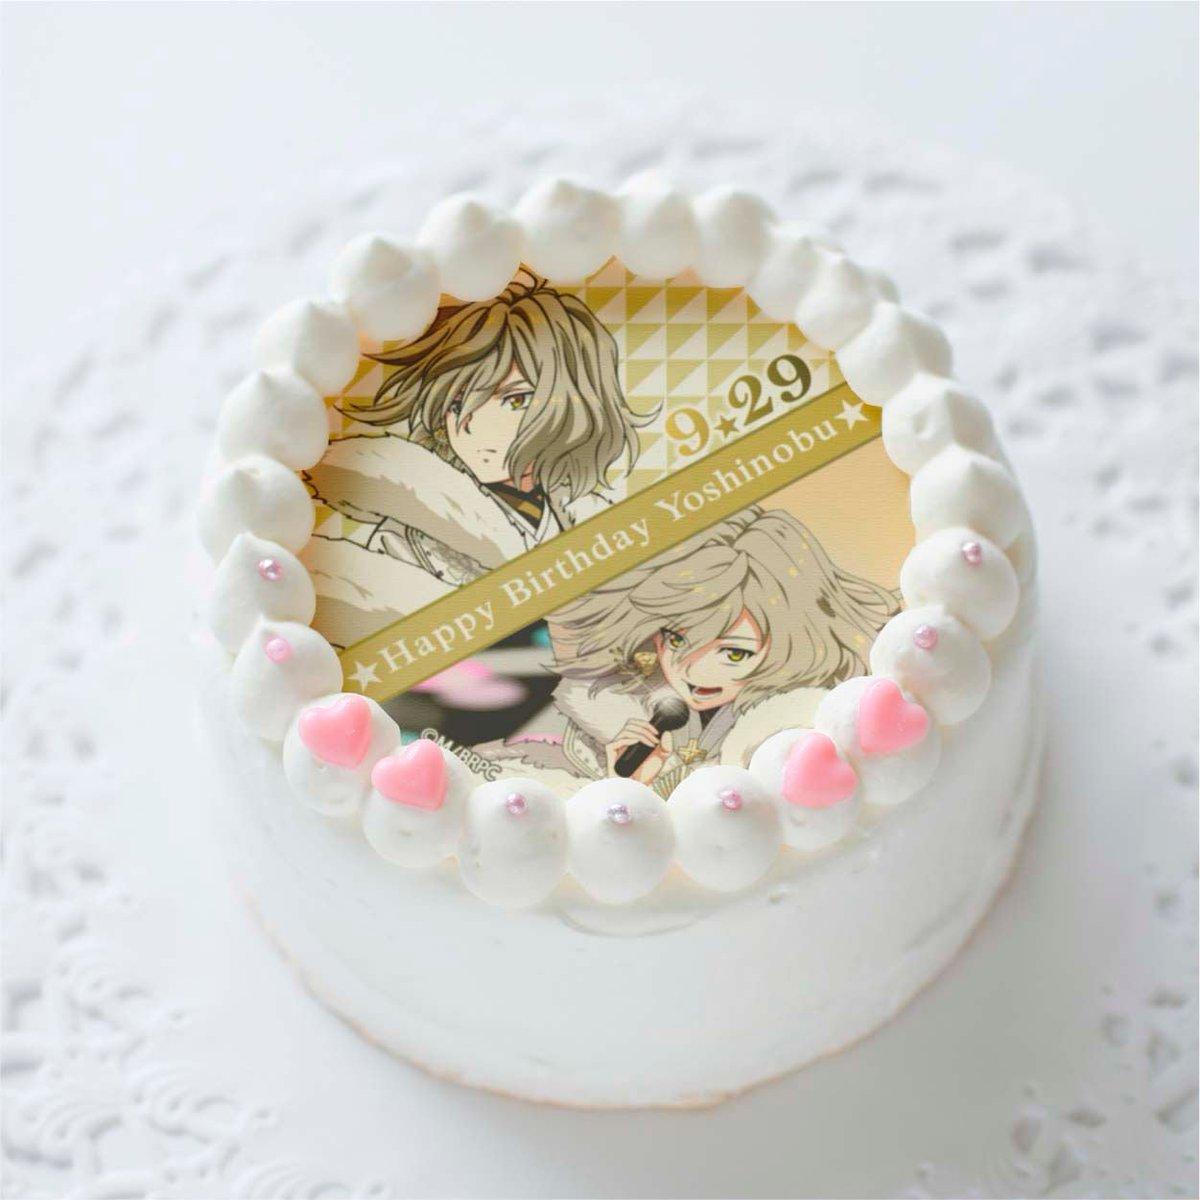 ✨9月29日は幕末Rock 徳川慶喜さんのお誕生日✨当日指定のお届け予約が【本日まで】となっております!素敵なお誕生日を